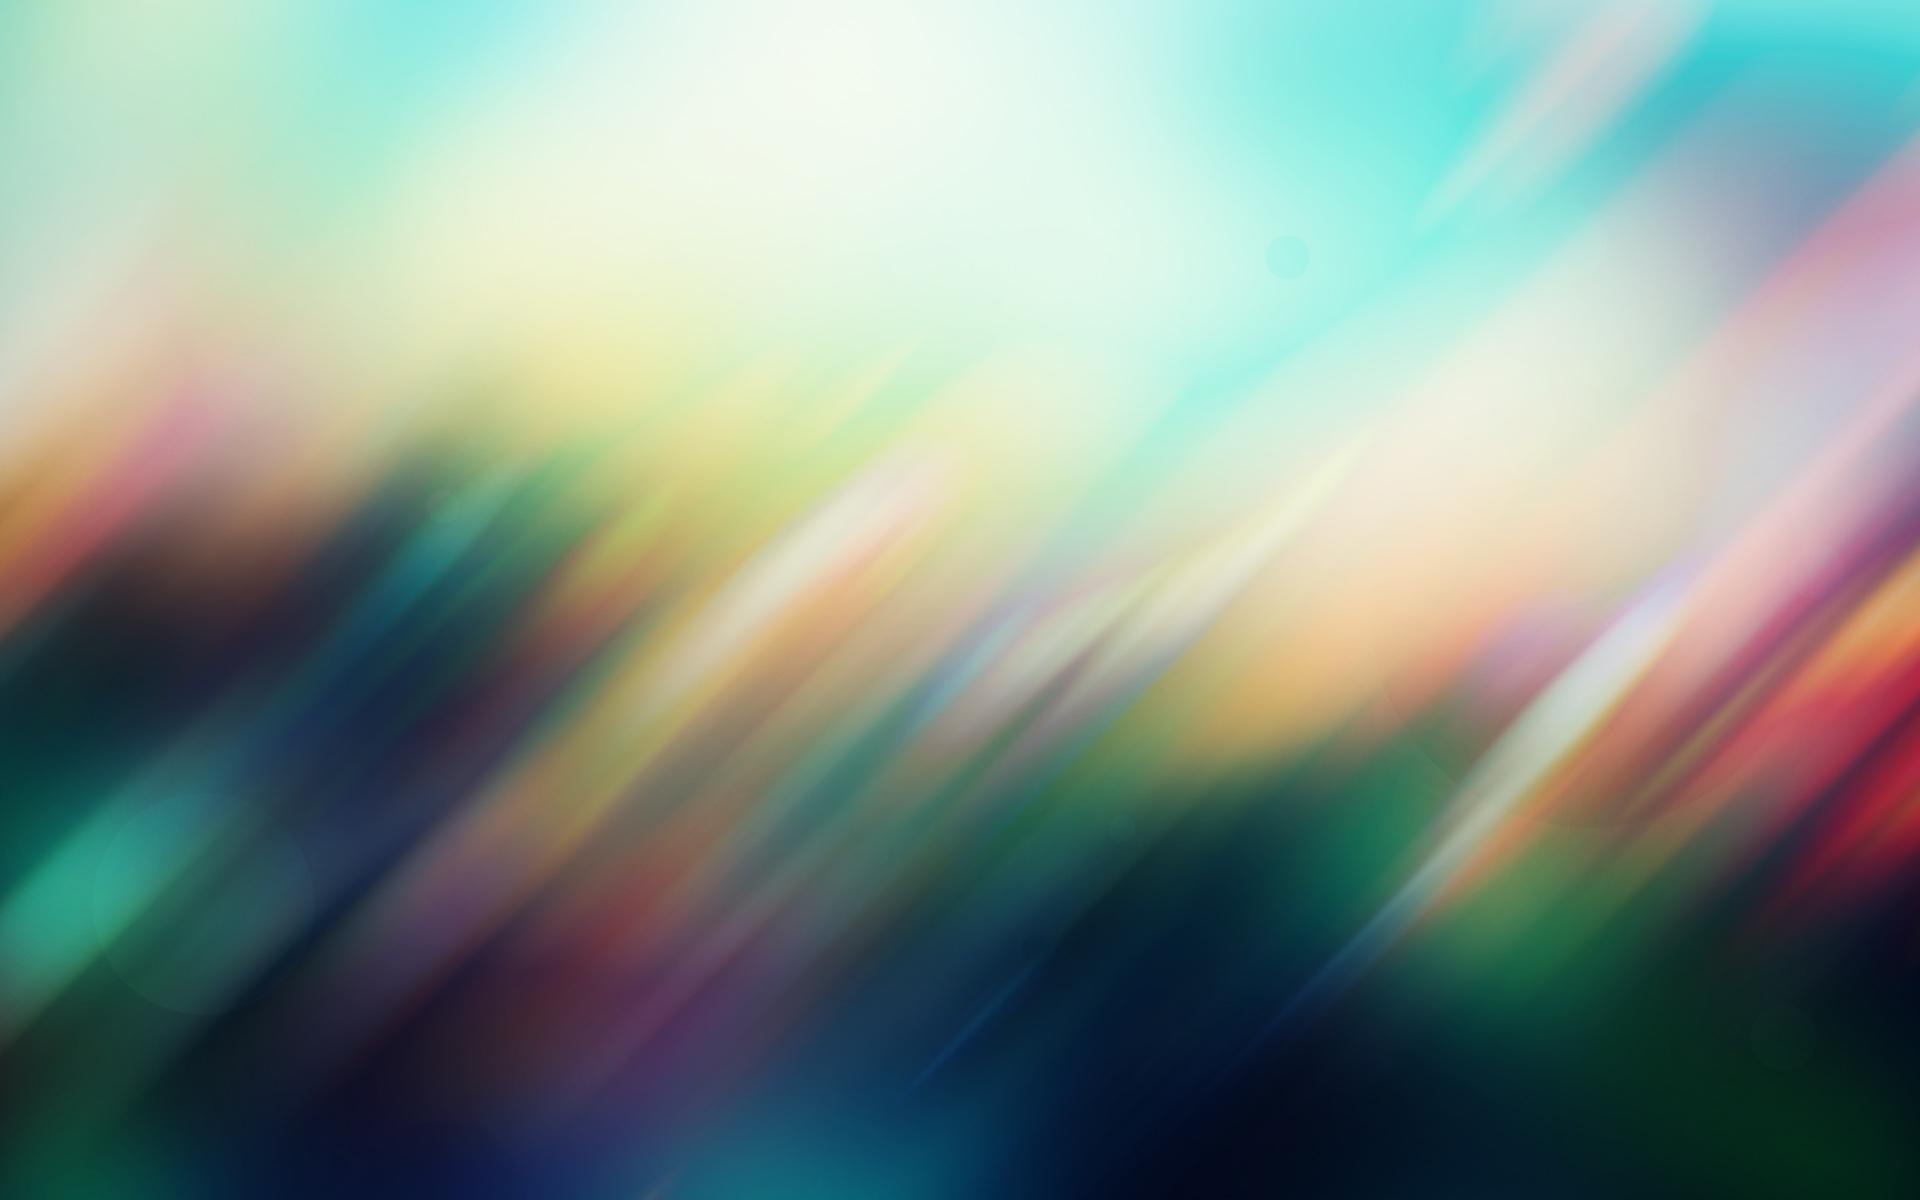 Wallpaper 4k Fun Colors Blur Blur Colors Magical